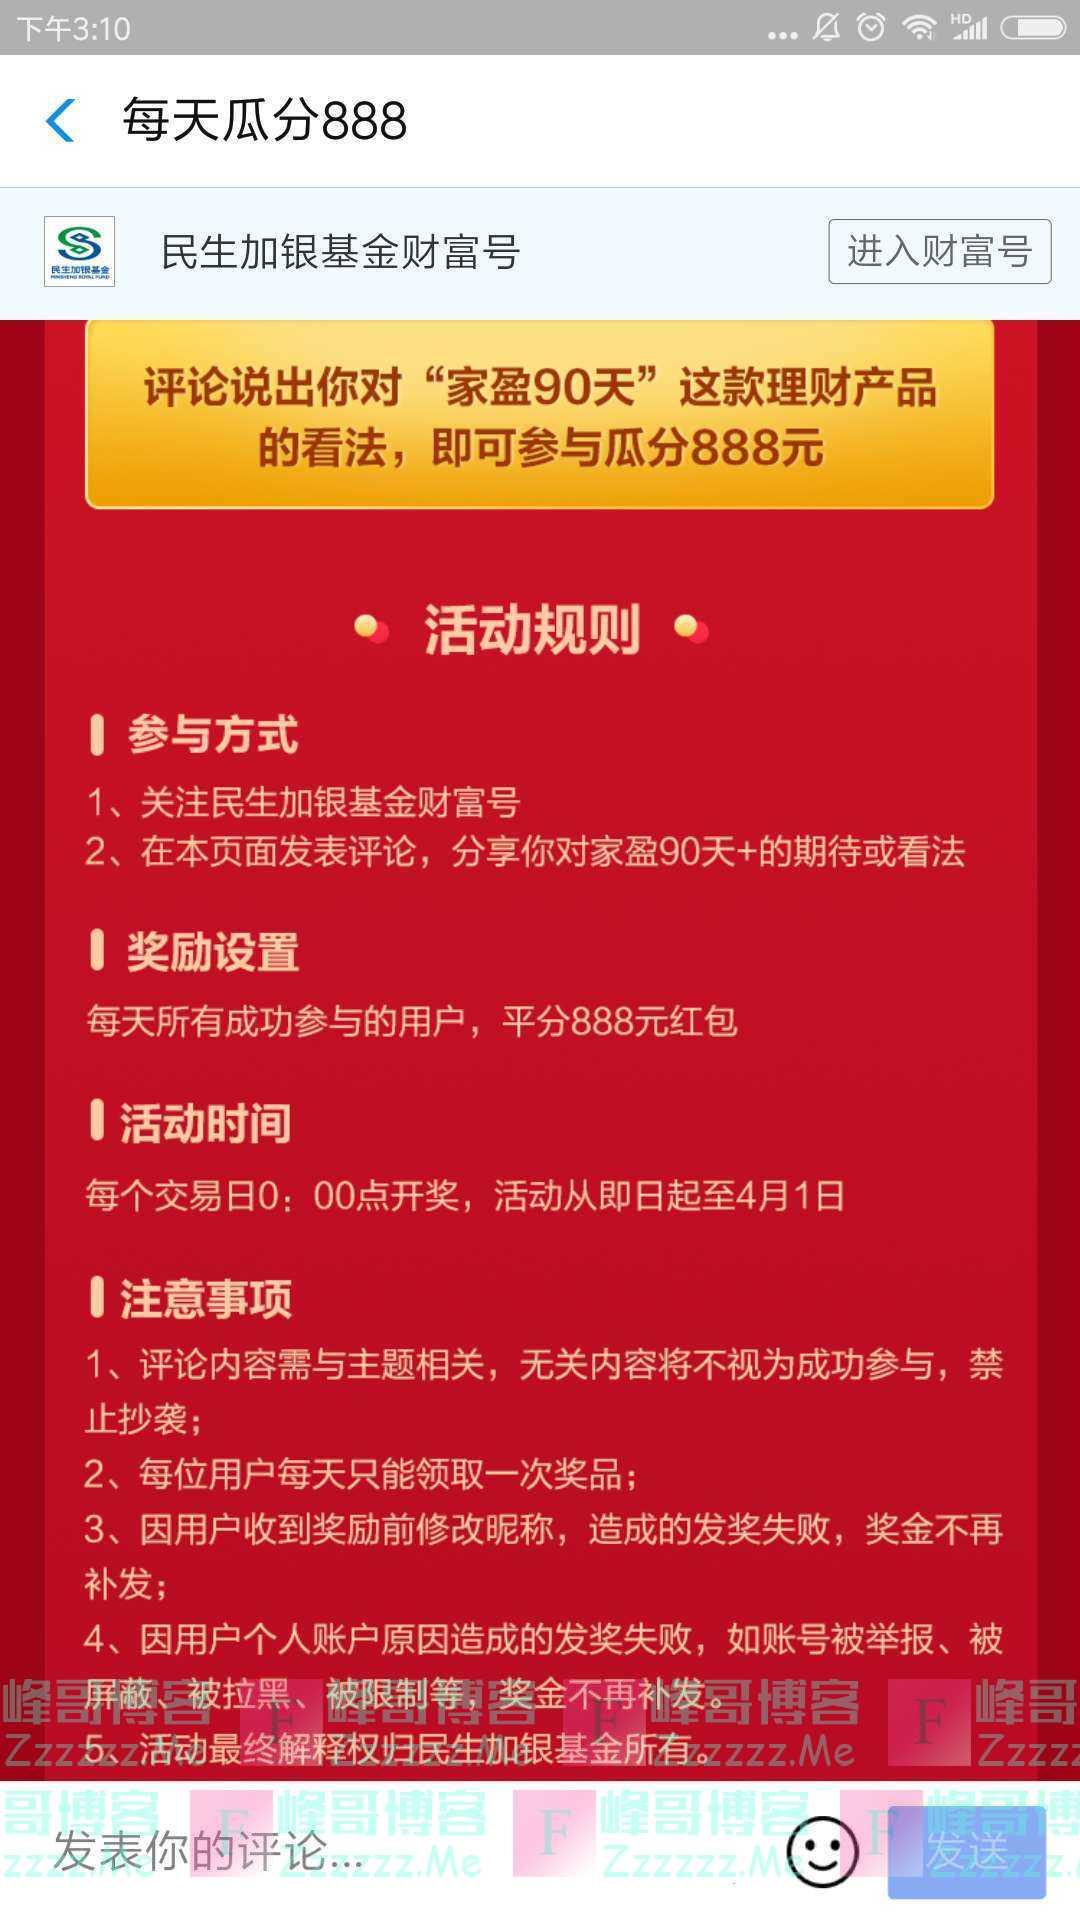 民生加银基金评论有奖每天瓜分888元(截止4月1日)